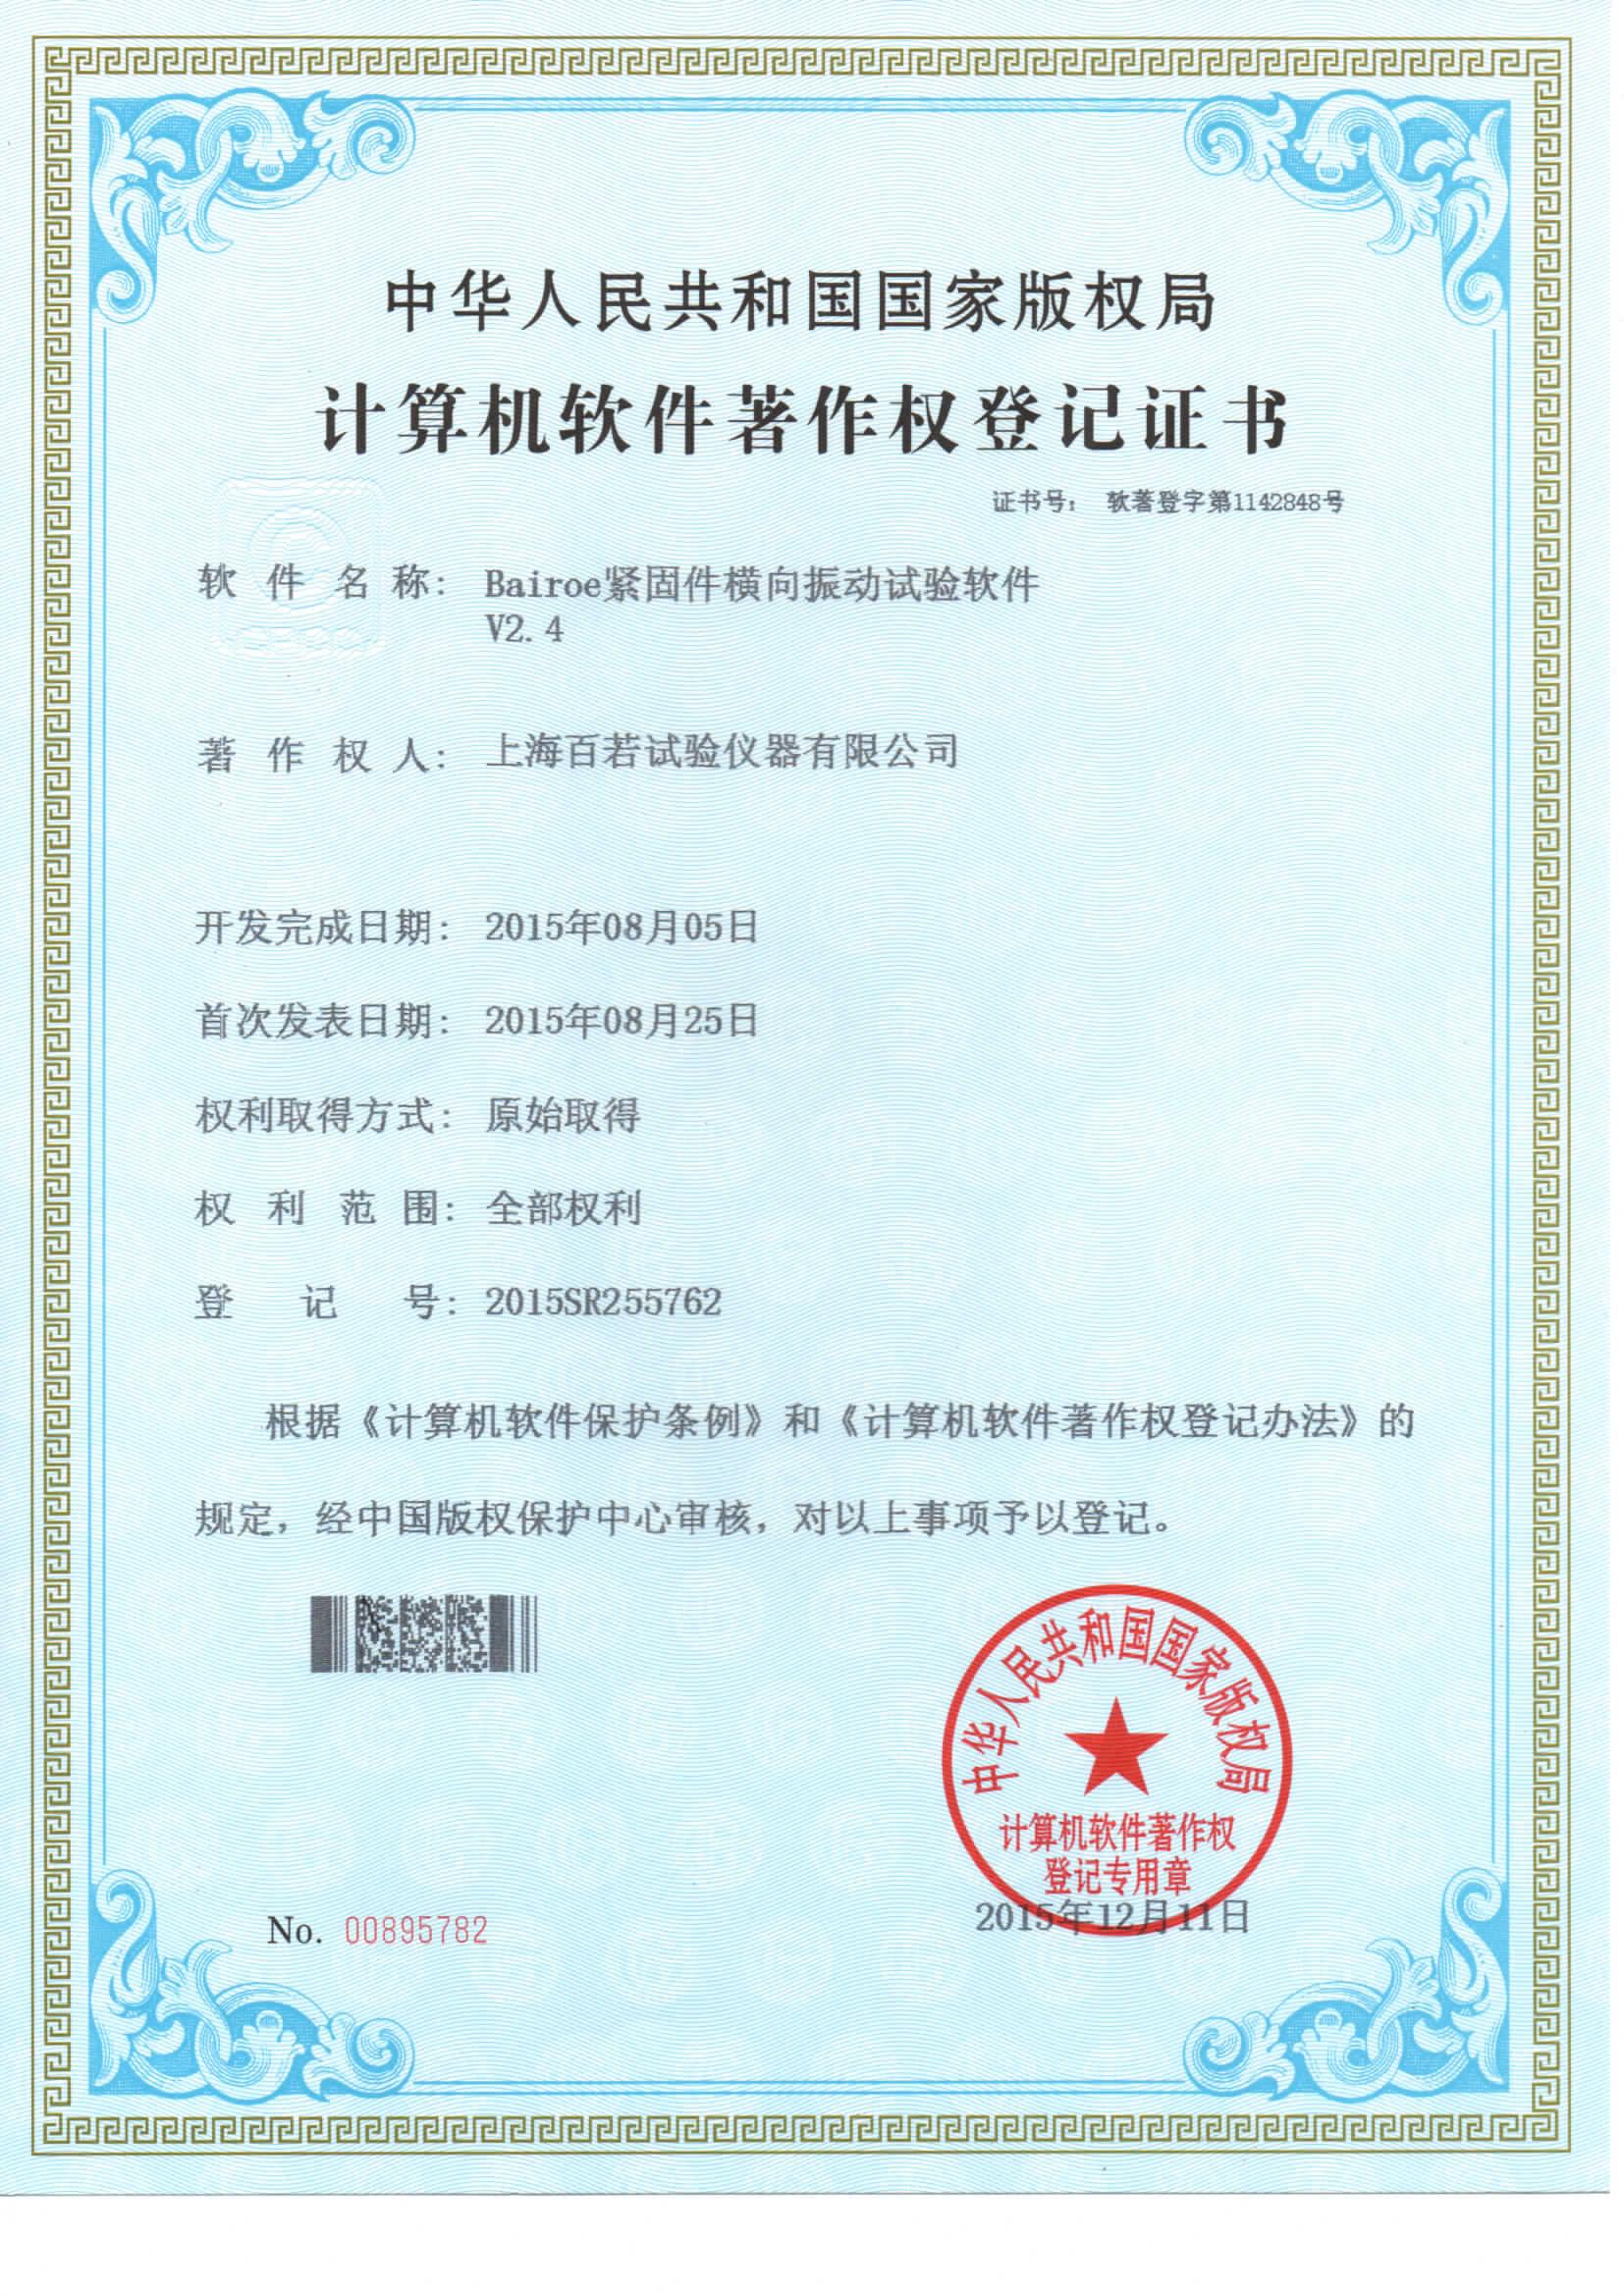 緊固件橫向振動-計算機軟件著作權登記證書